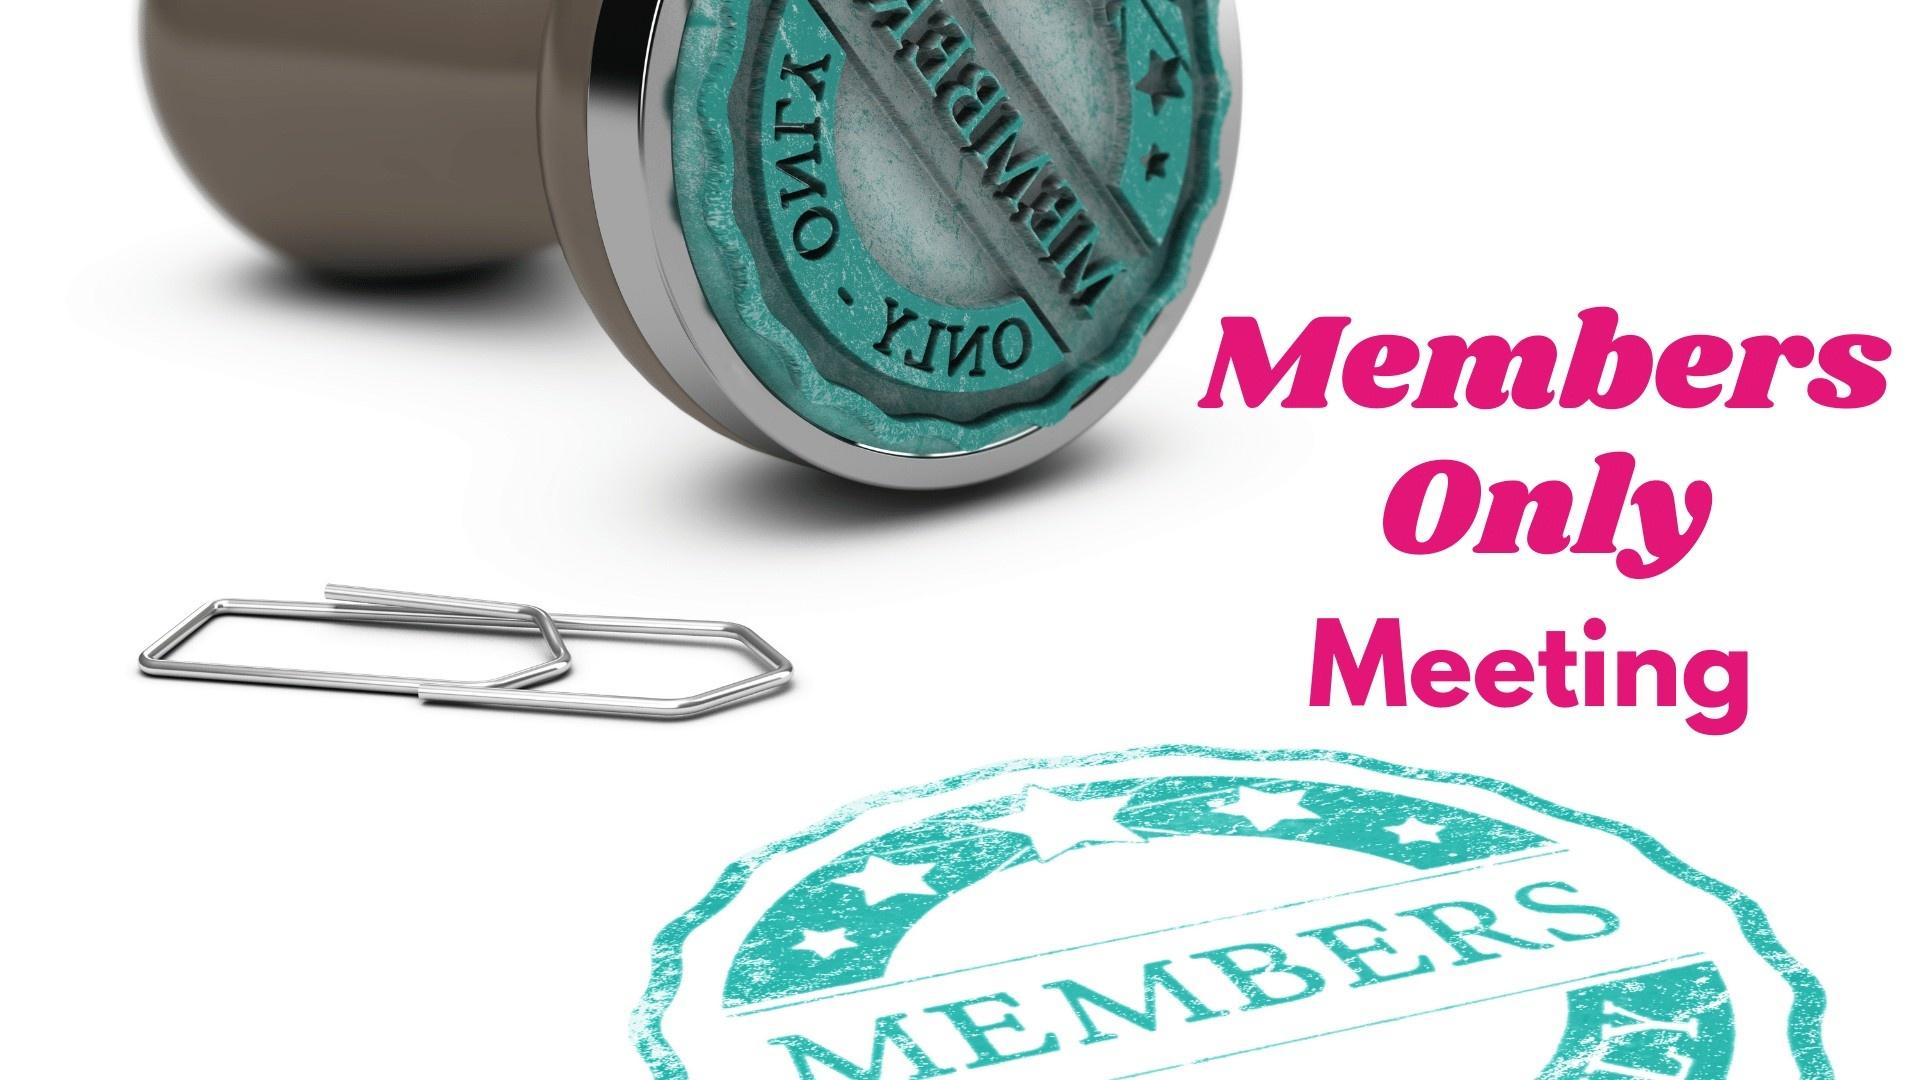 Members Only Meeting